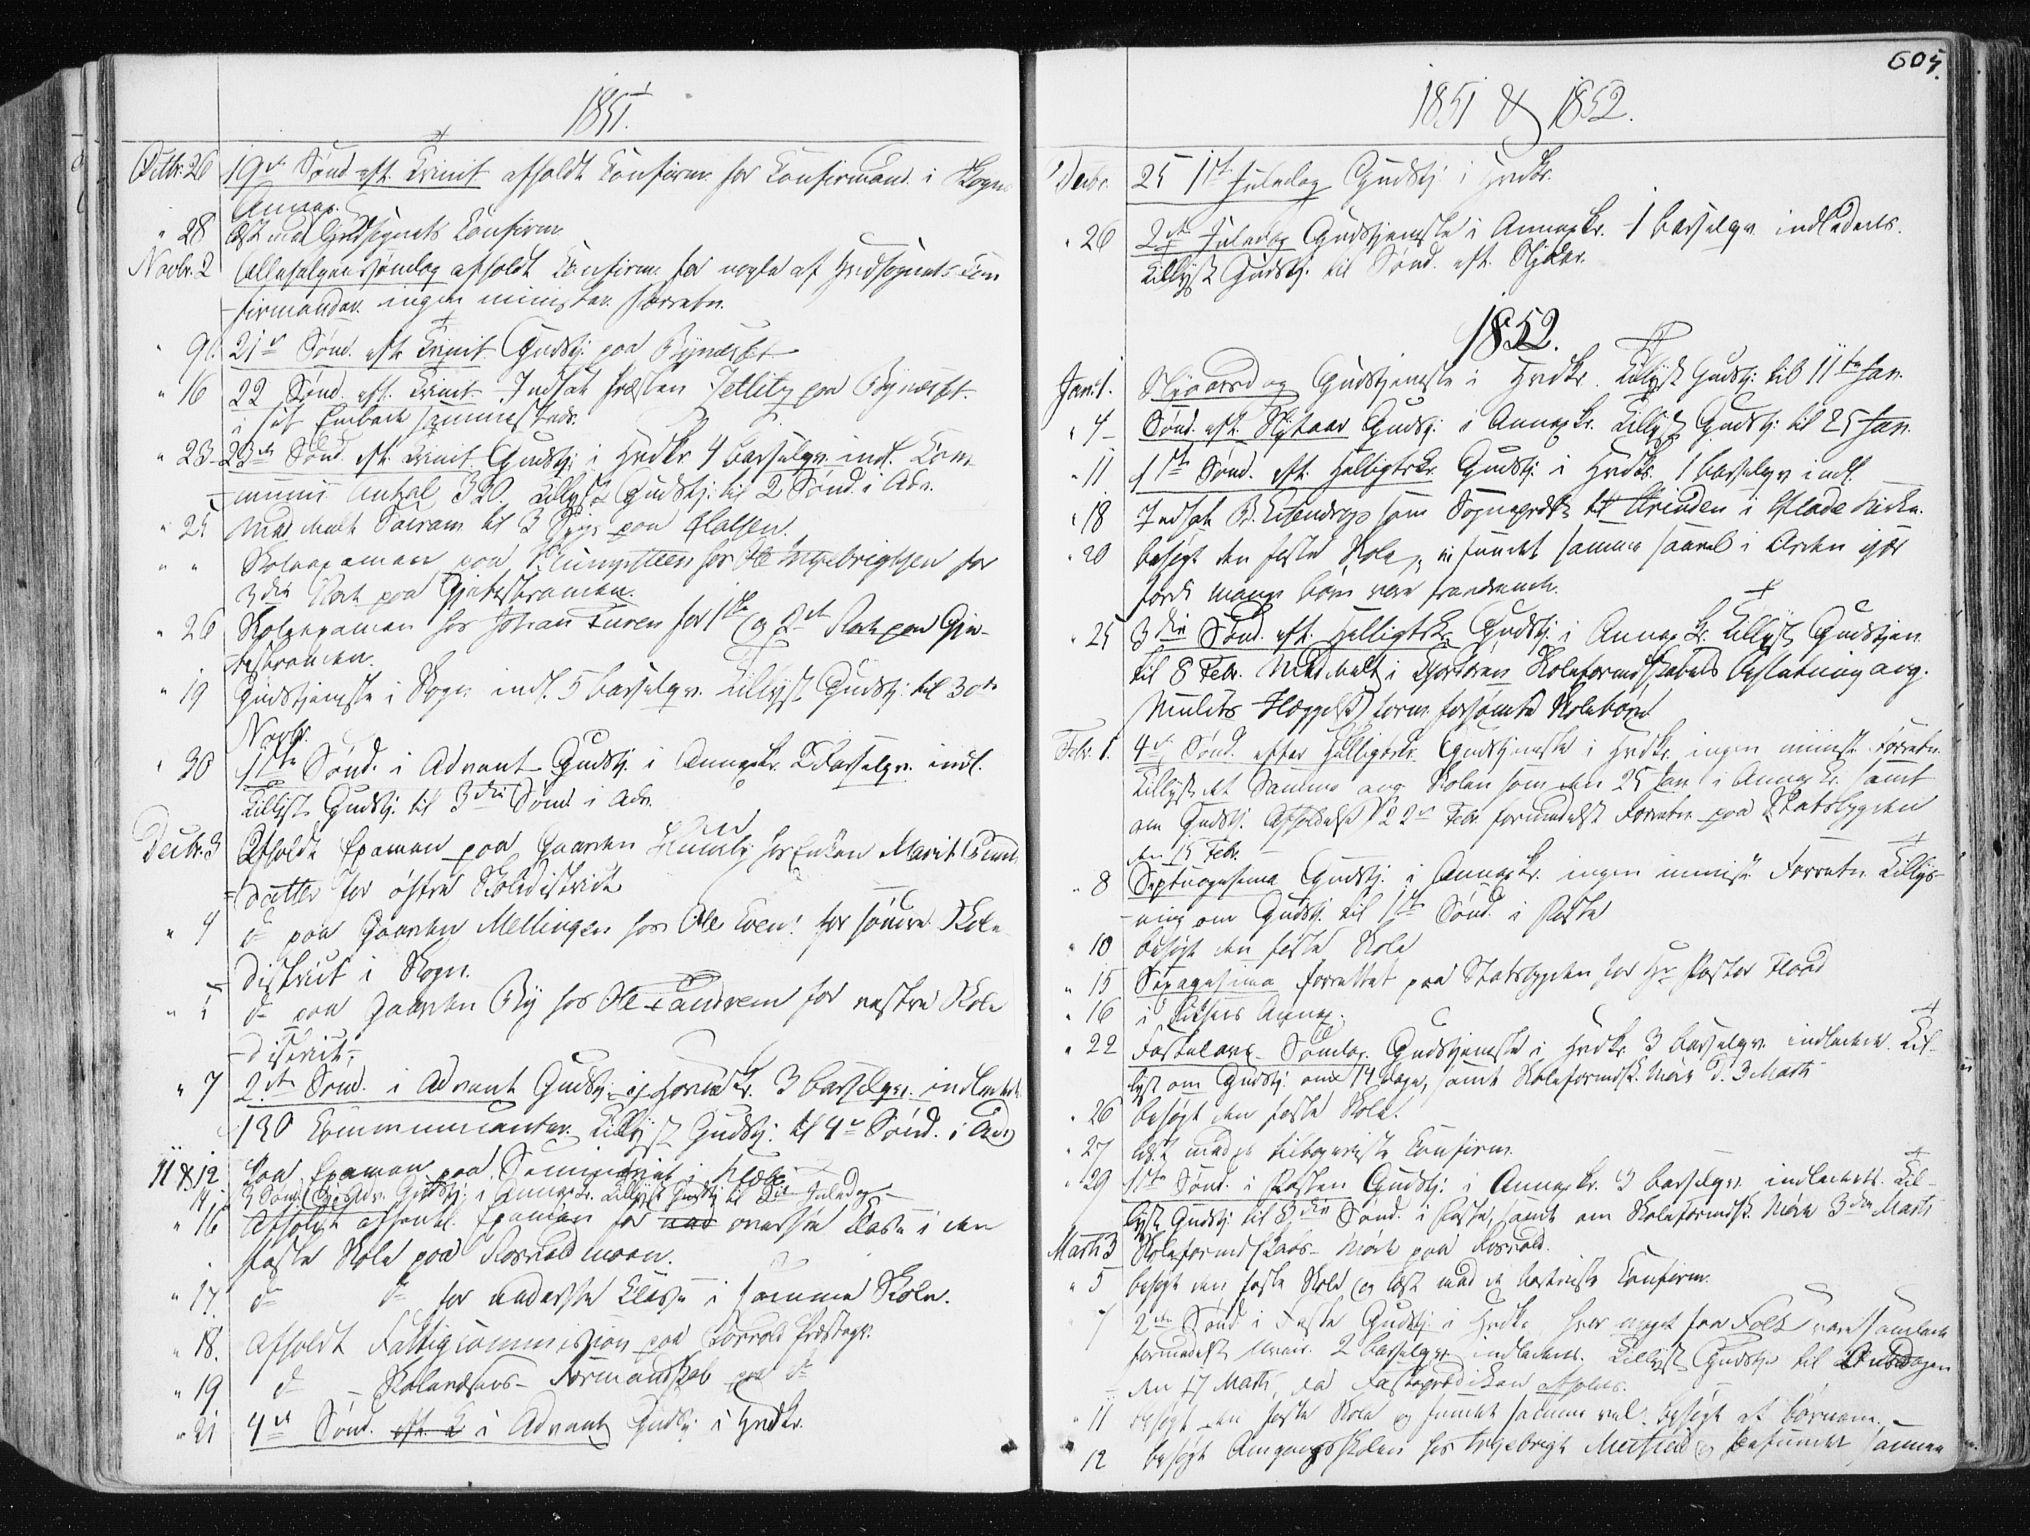 SAT, Ministerialprotokoller, klokkerbøker og fødselsregistre - Sør-Trøndelag, 665/L0771: Ministerialbok nr. 665A06, 1830-1856, s. 605